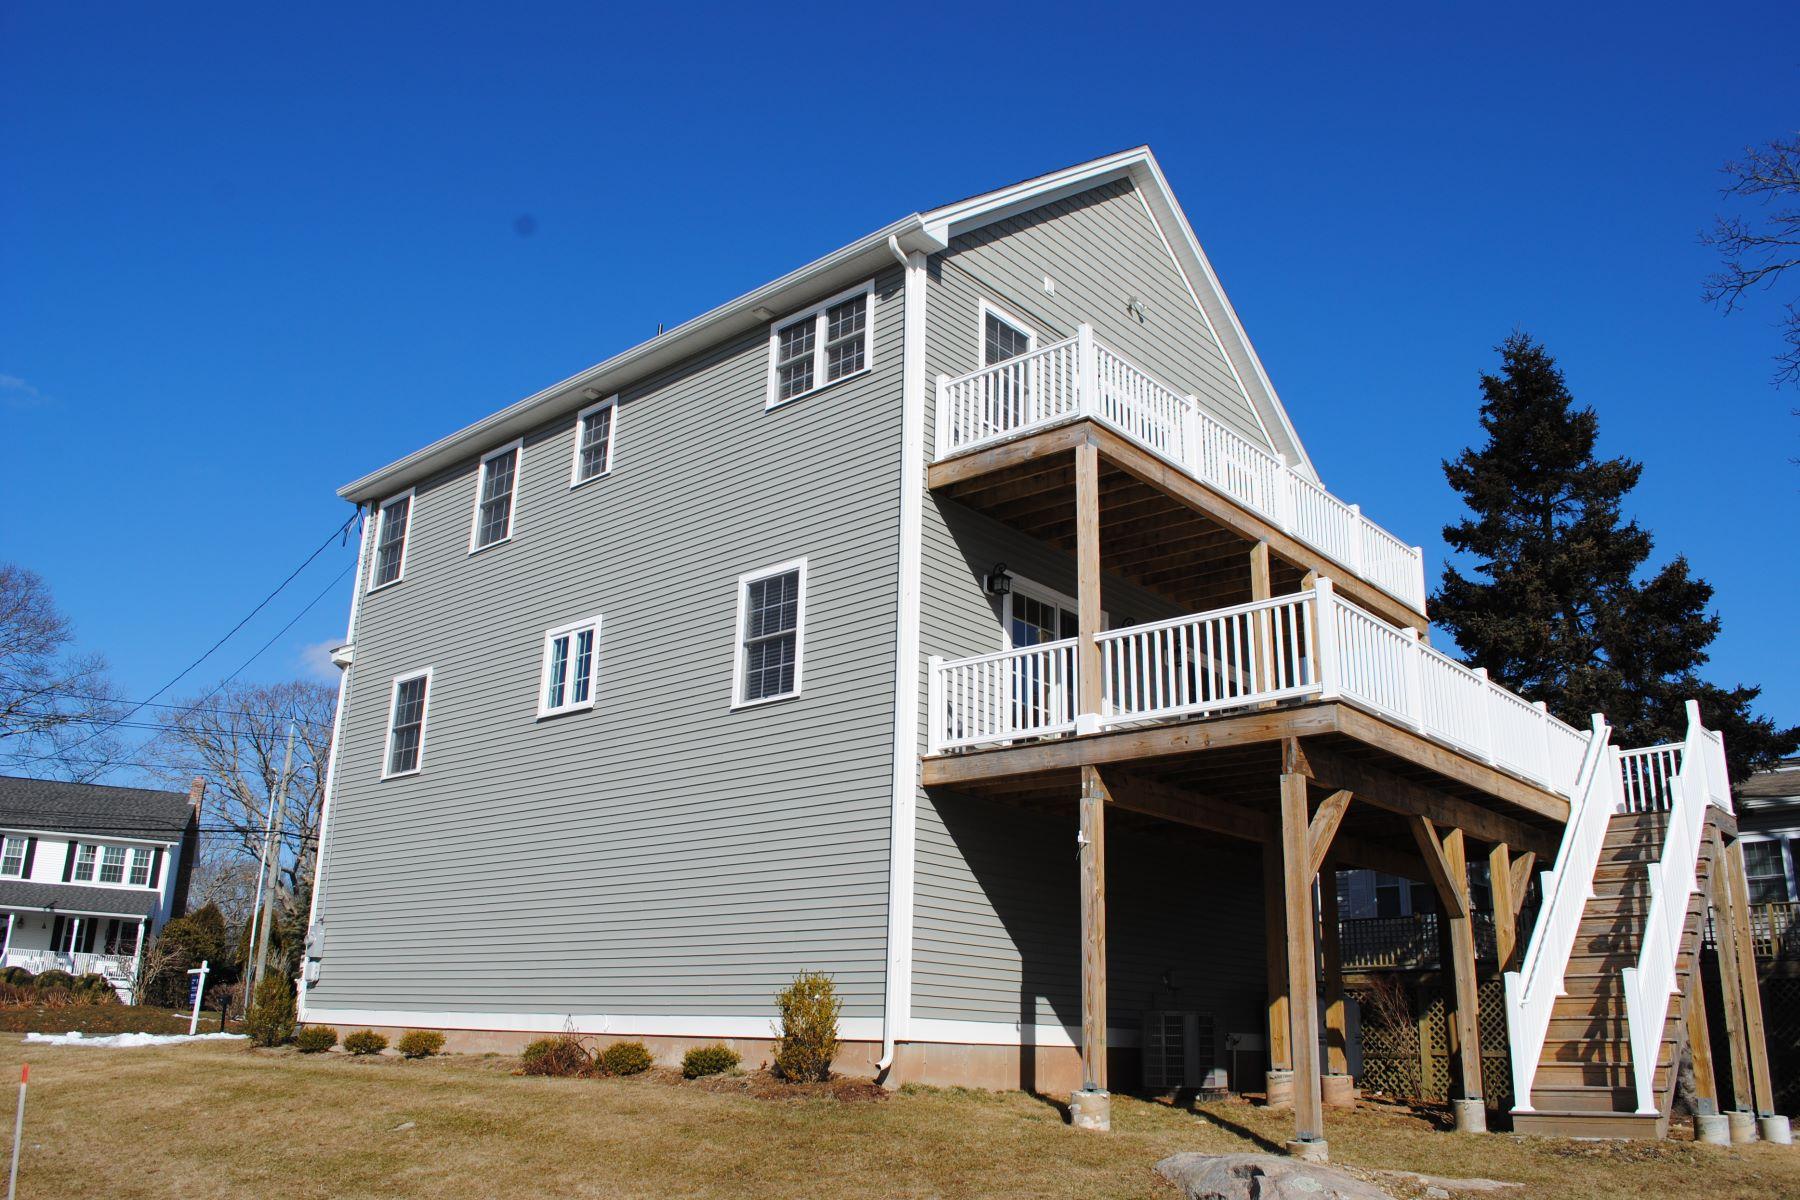 Single Family Home for Rent at 902 Shennecossett Road 902 Shennecossett Road Groton, Connecticut 06340 United States